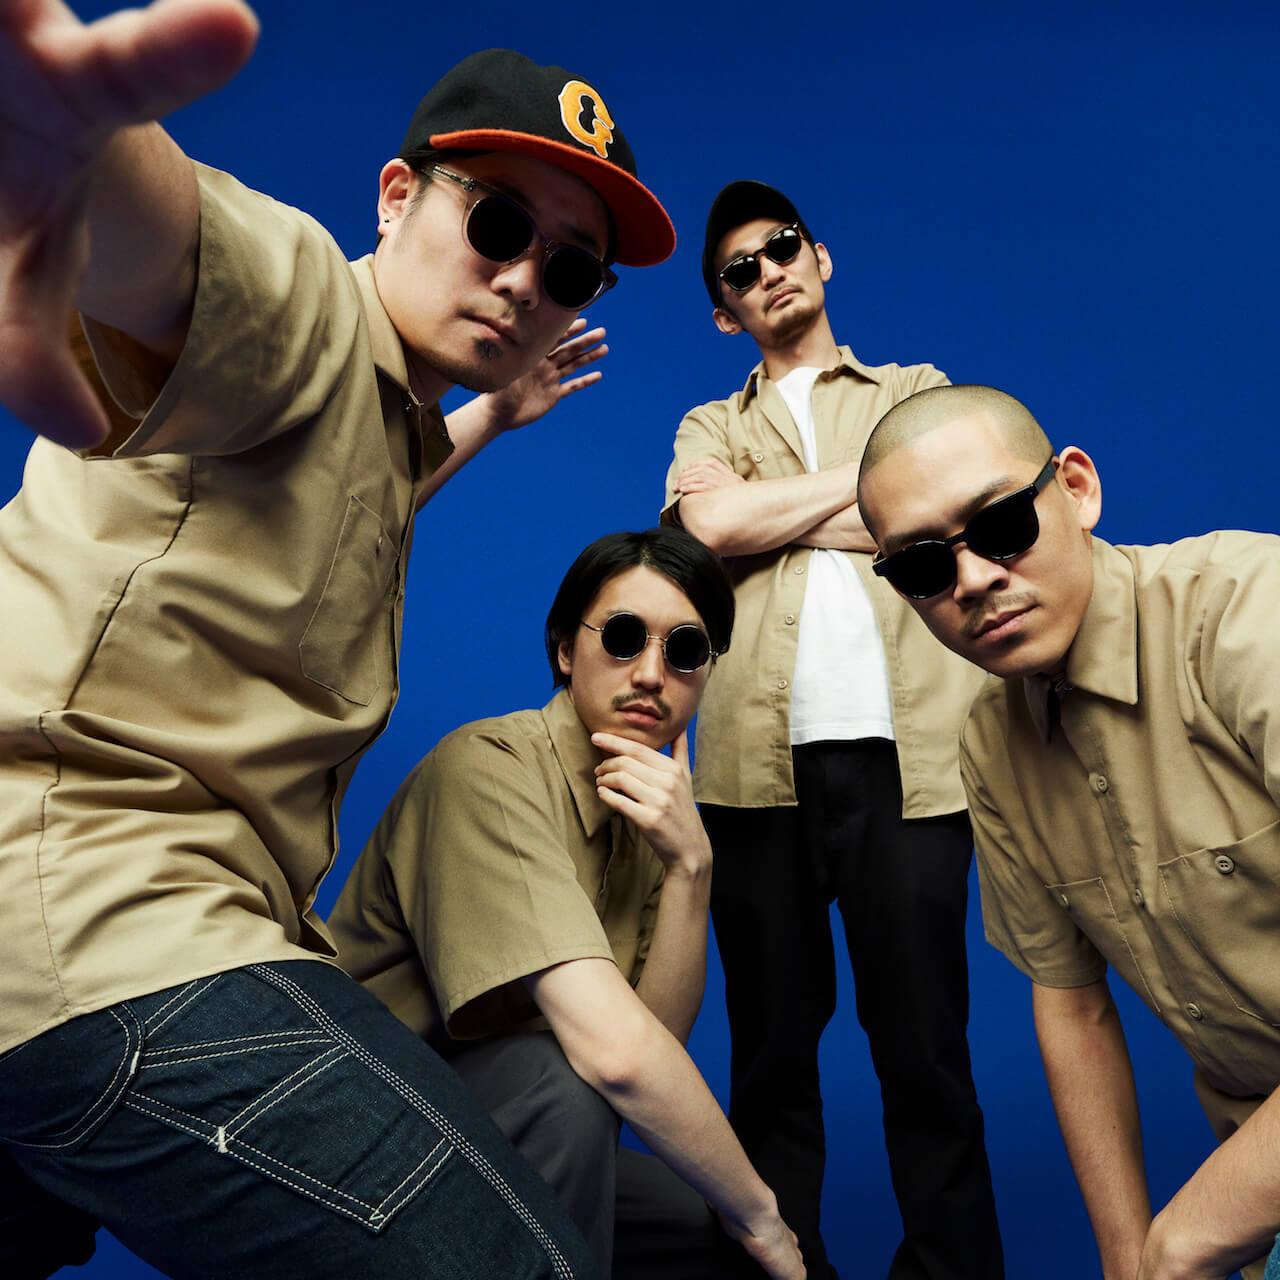 2020年に新パーティー<LLL-FT>がTSUTAYA O-EASTで始動|OL Killer、板橋兄弟、一十三十一、TOKYO HEALTH CLUB、Mom、セク山が登場 music191218-lll-ft-6